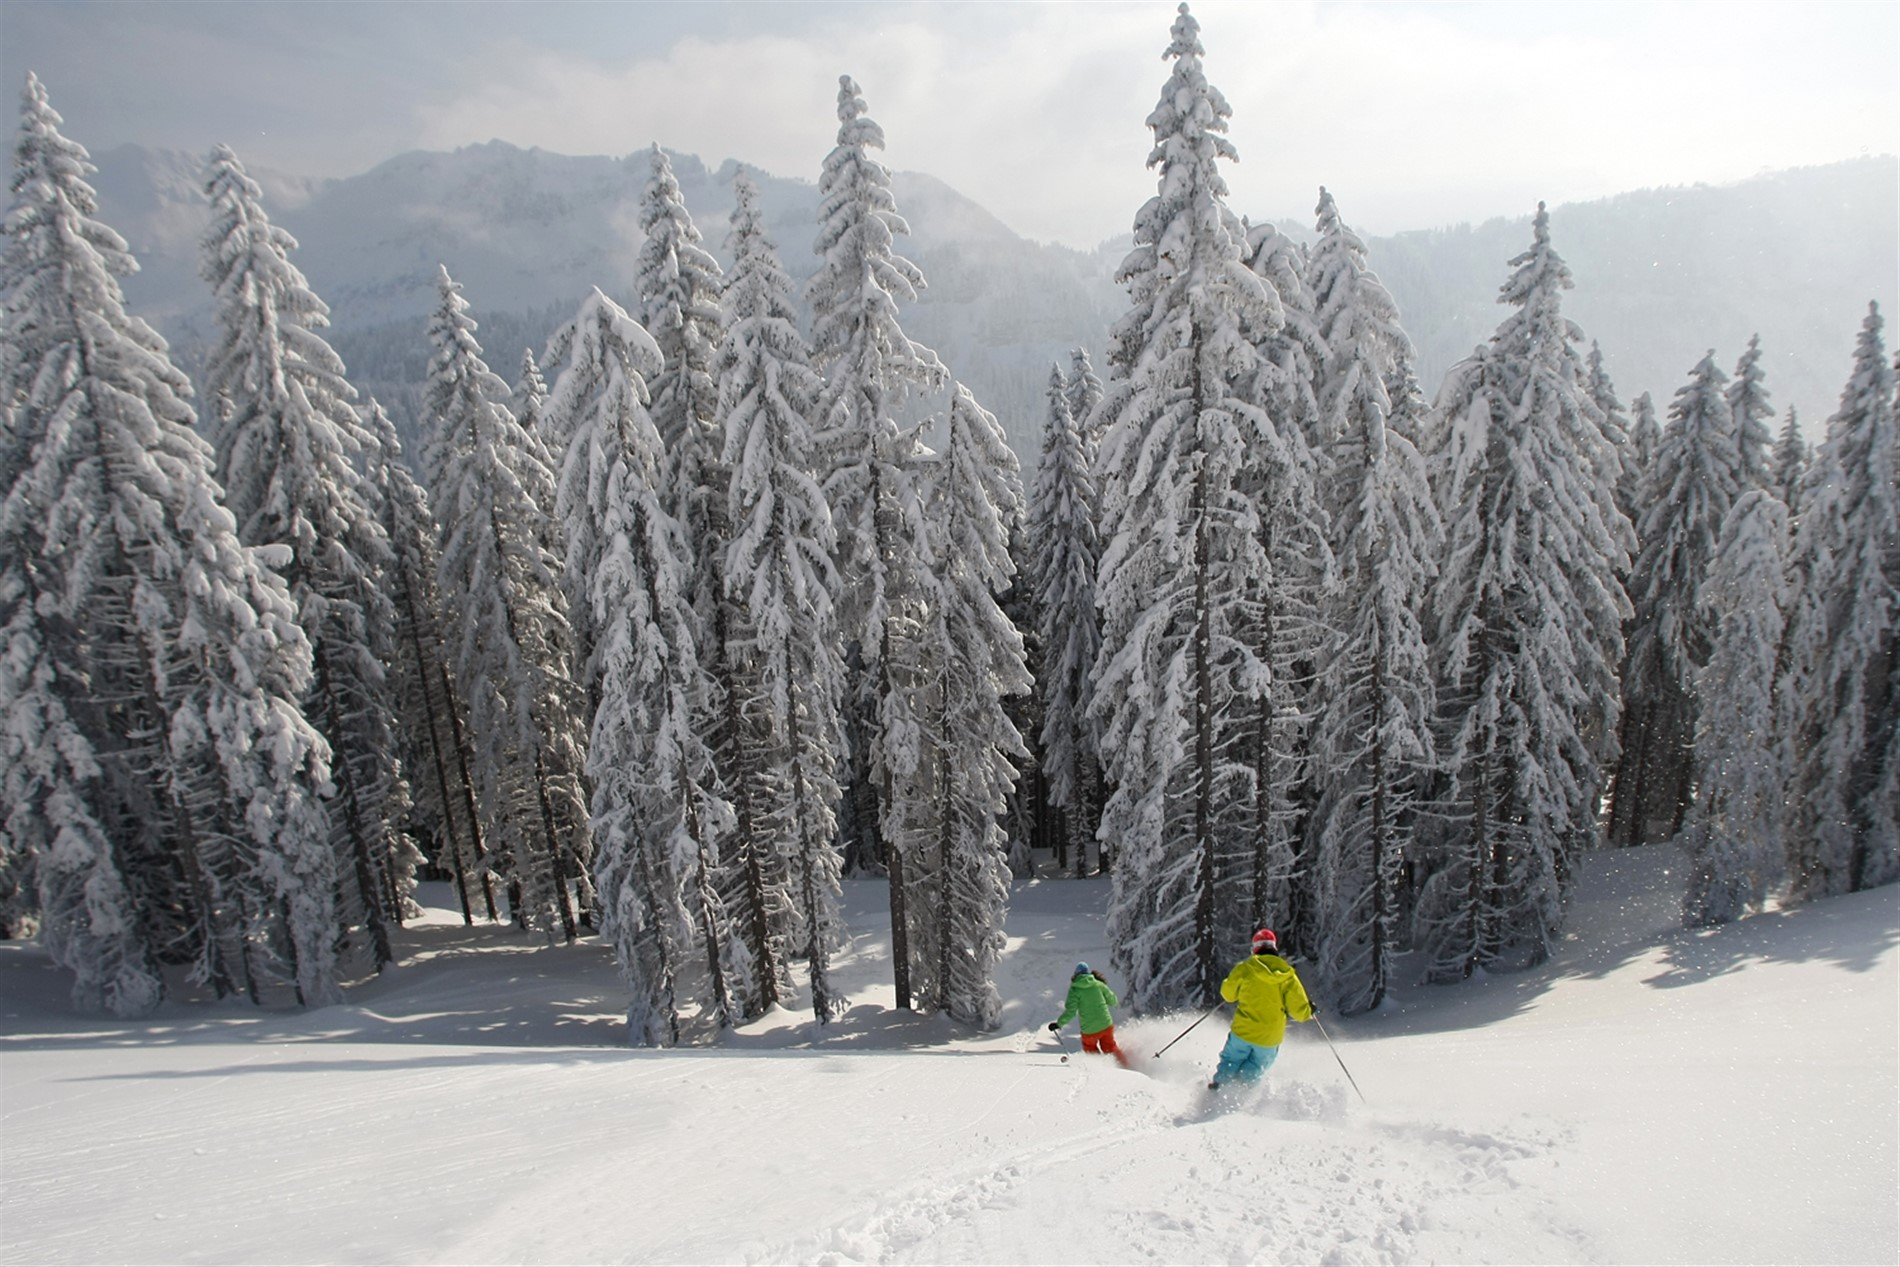 forfait ski grand massif 6 jours. Black Bedroom Furniture Sets. Home Design Ideas